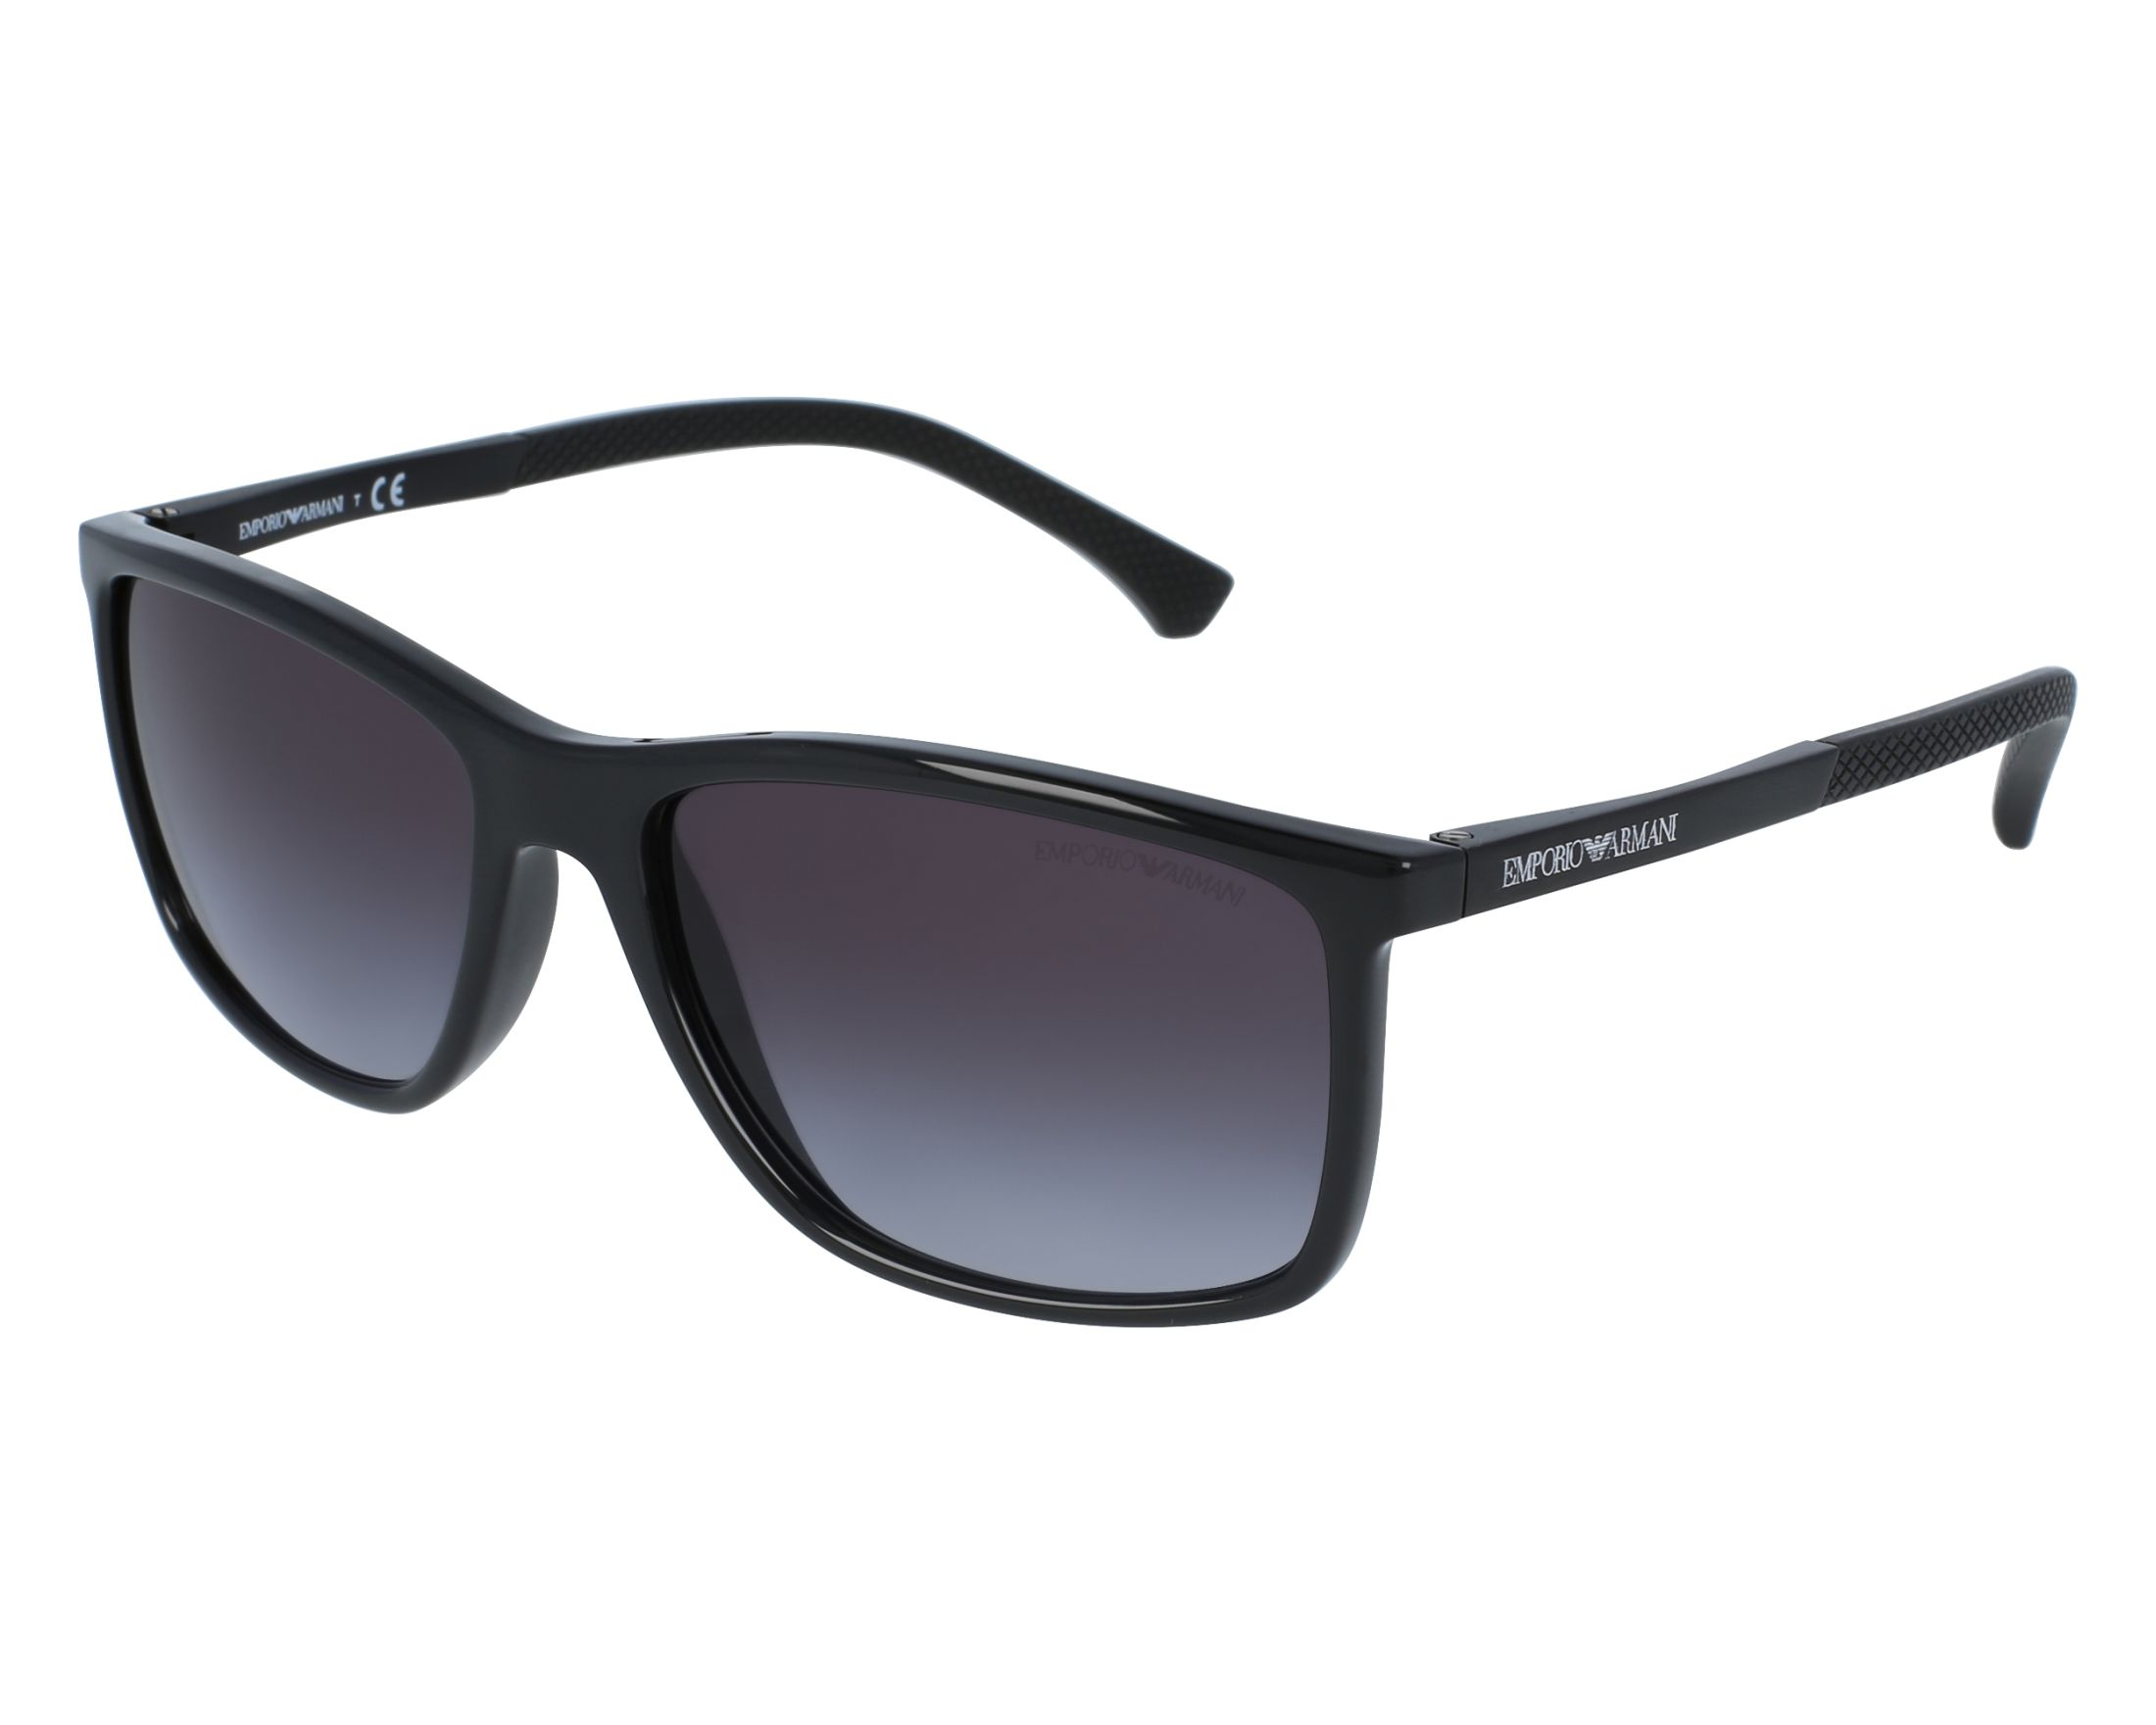 a9a2793dfe0 Sunglasses Emporio Armani EA-4058 5017 8G - Black Black front view